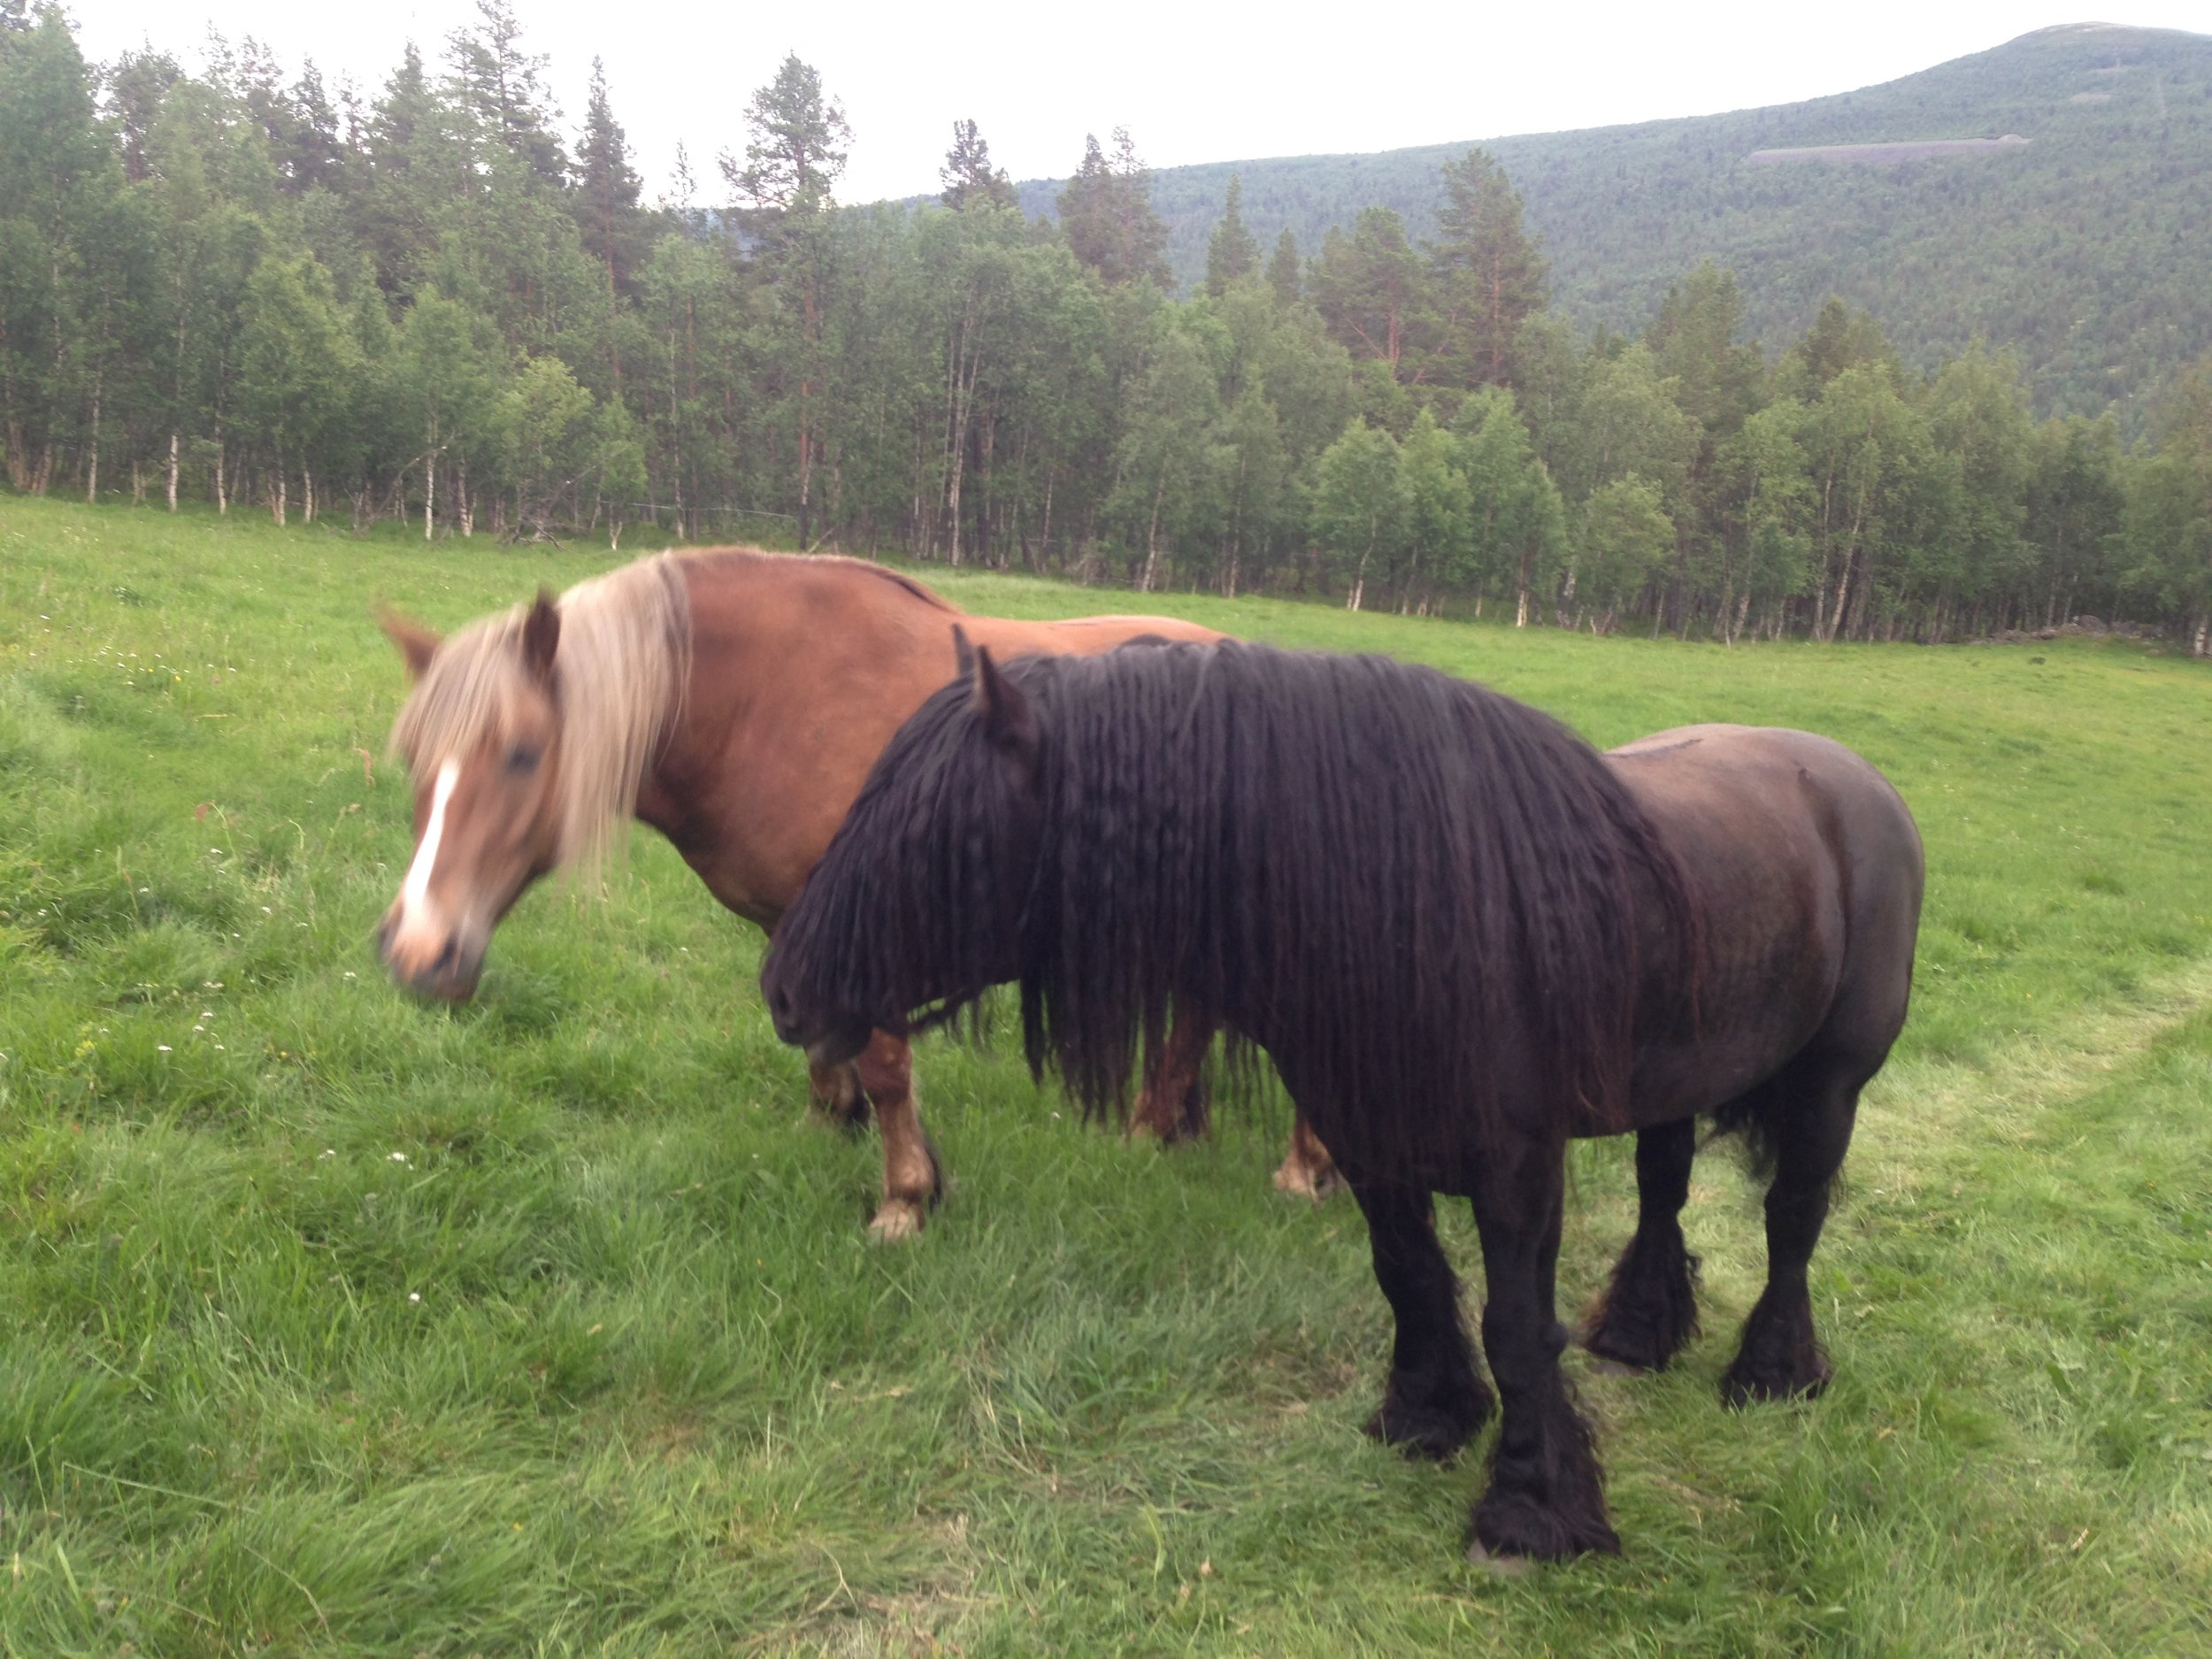 11.07.2019 - Haugajo trives godt med besøk av Vilja. Her håper vi på et flott avkom fra 2 særdeles trivelige hester.